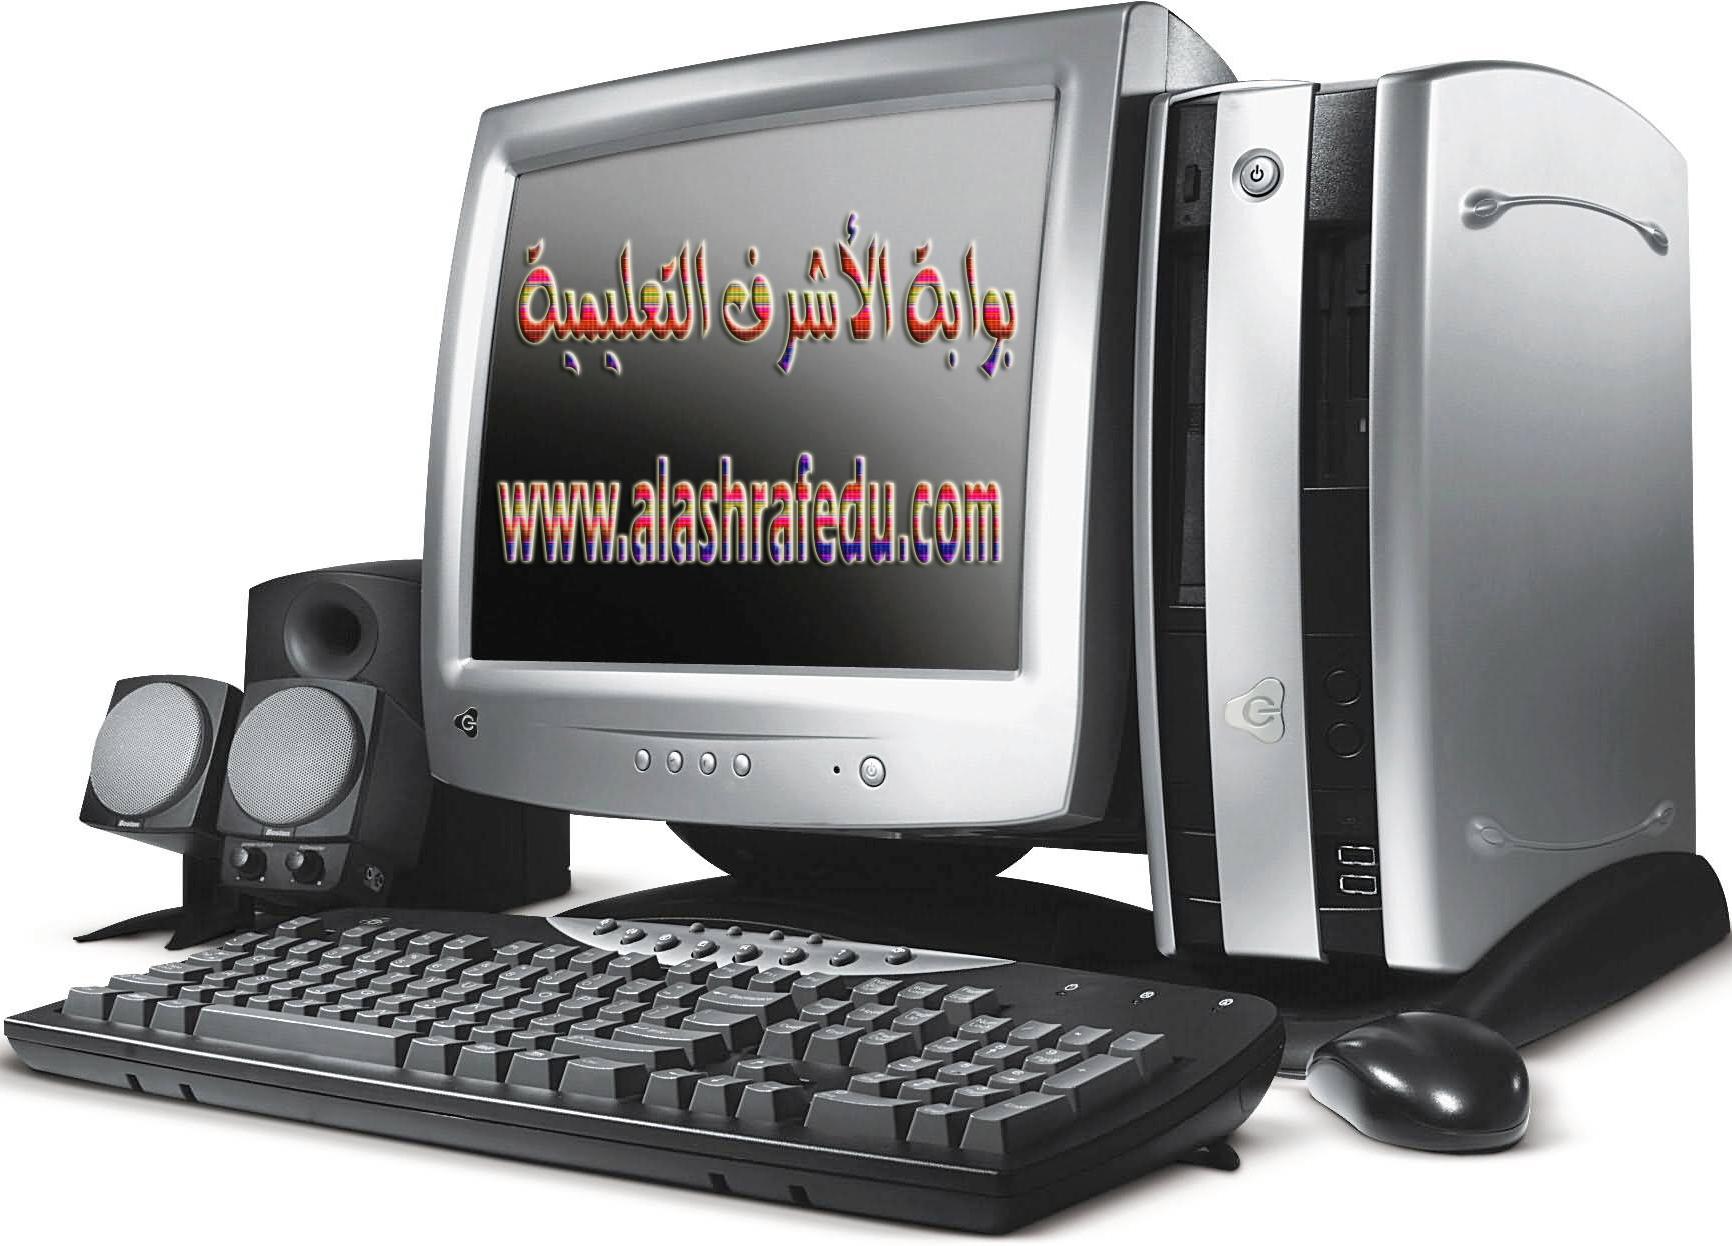 كتاب كمبيوتر إنجليزى 2014 الصف www.alashrafedu.com1